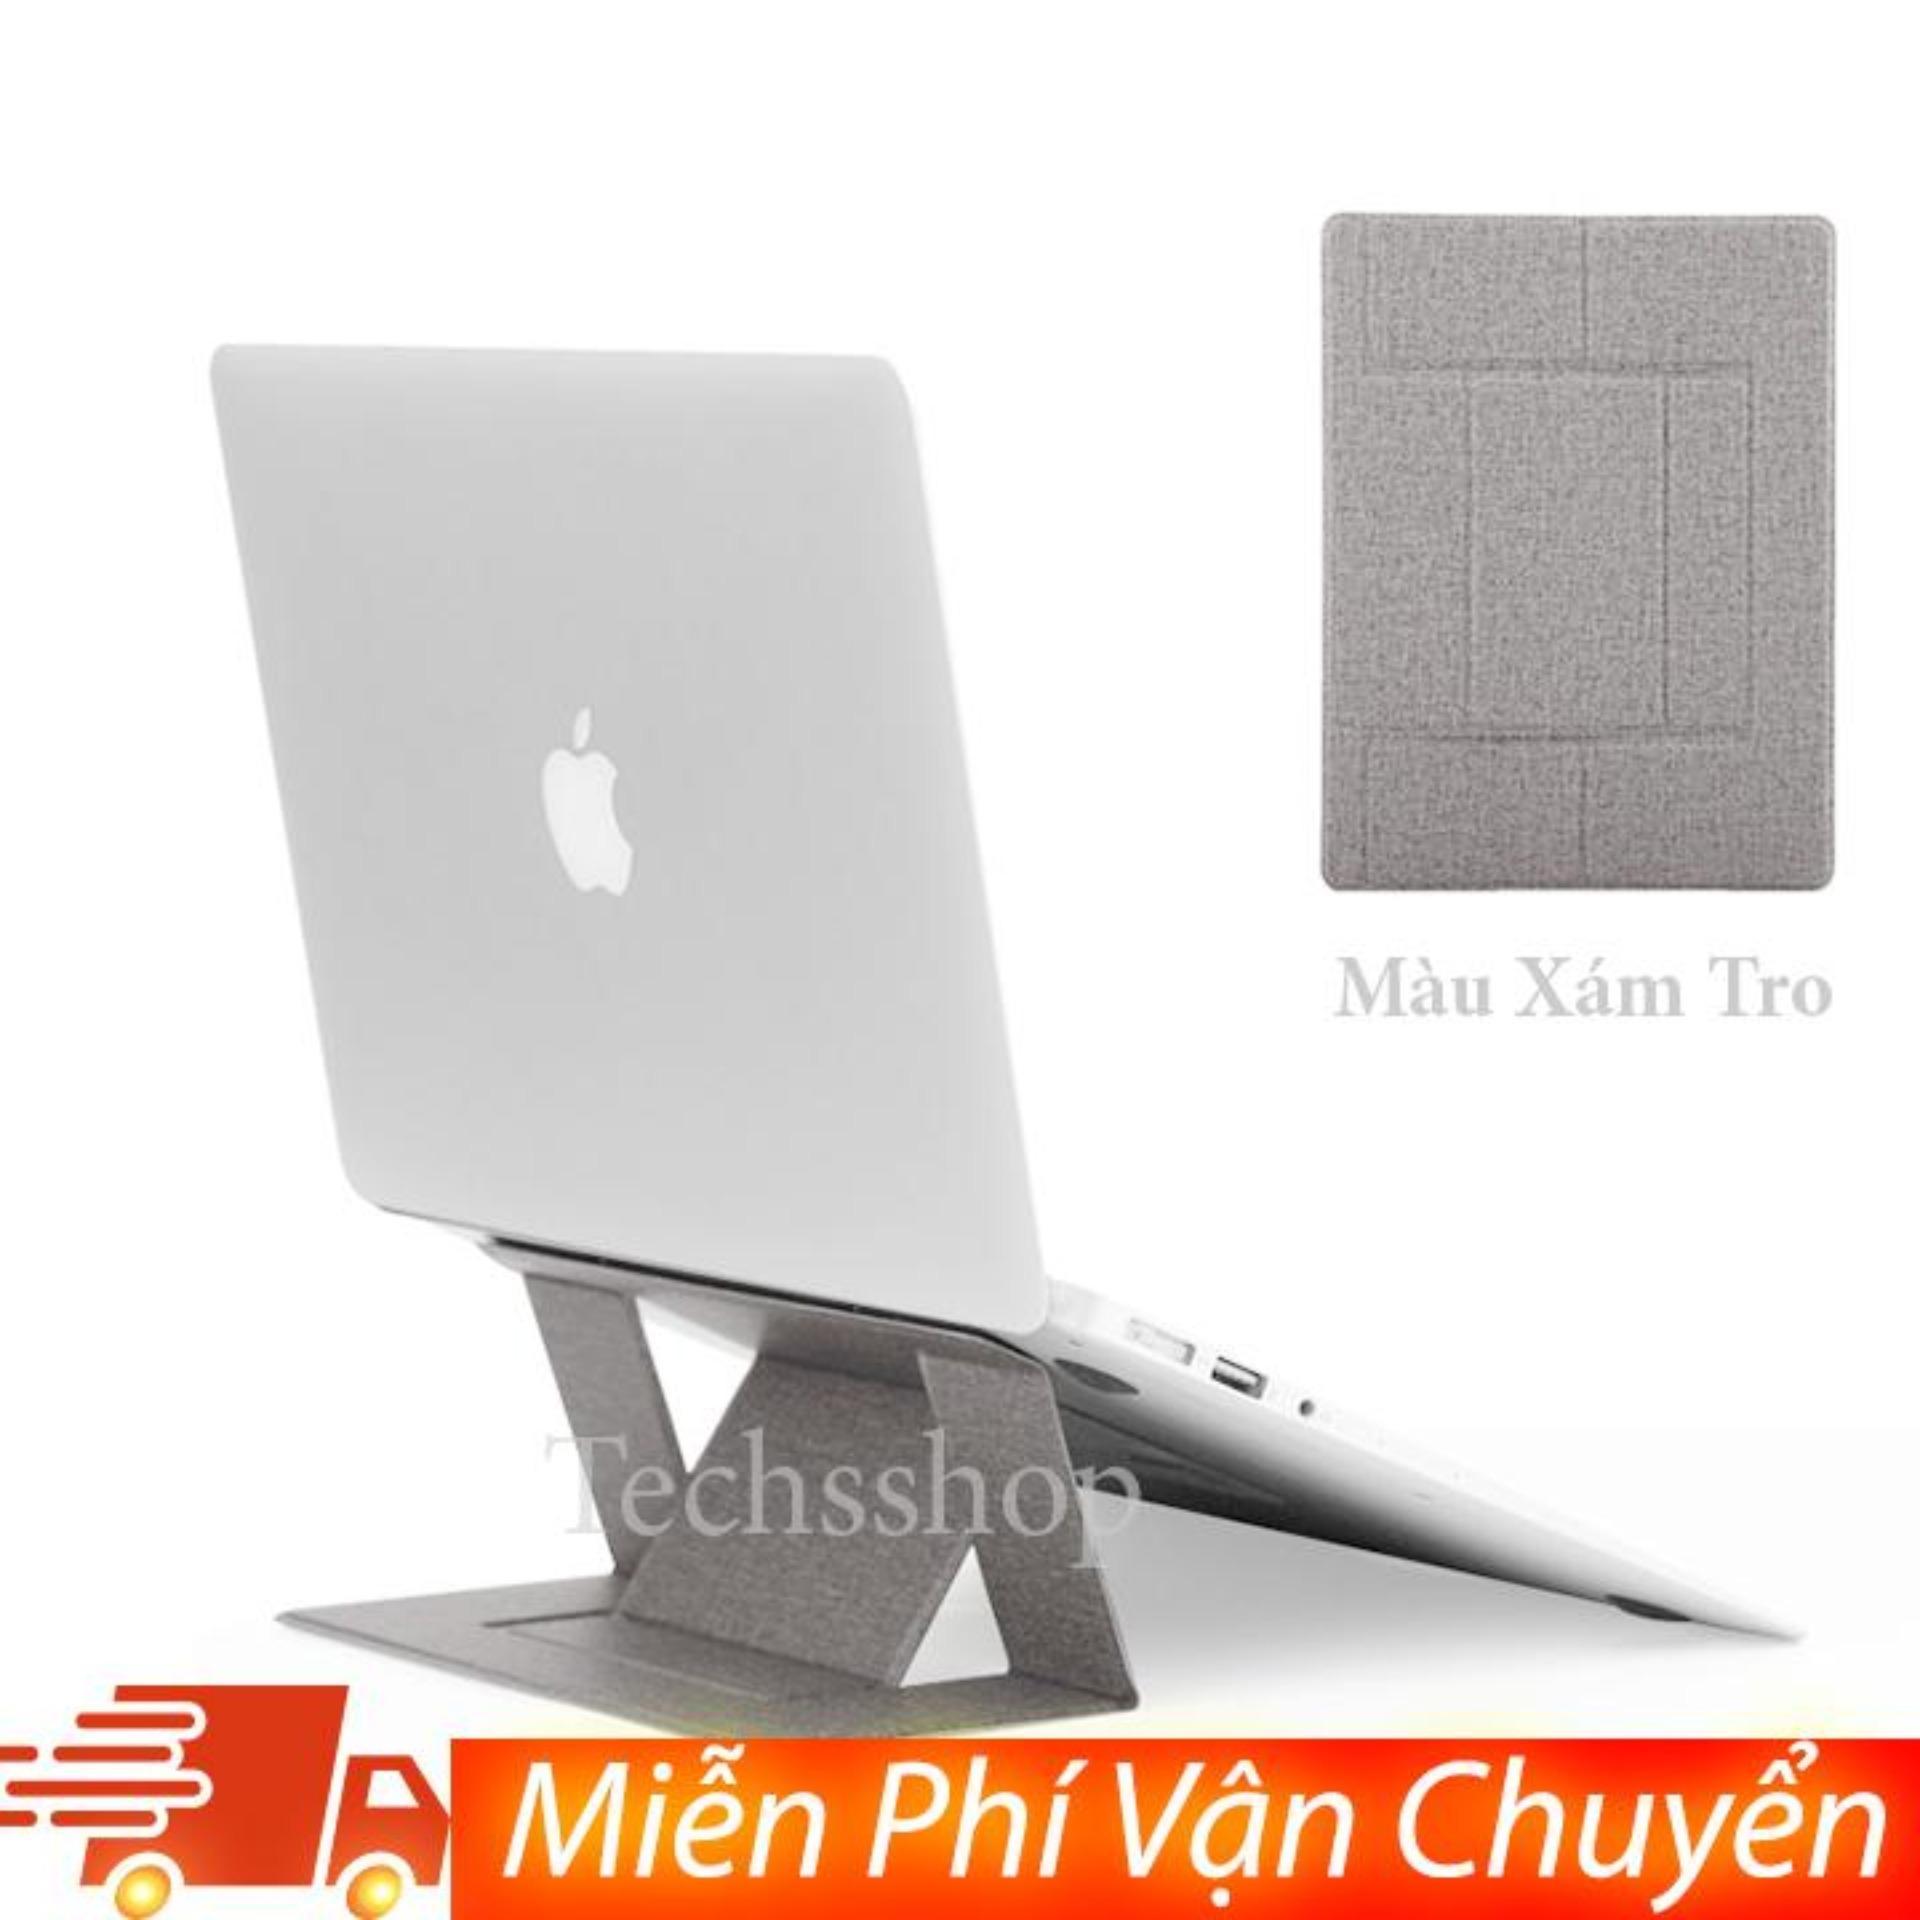 Đế tản nhiệt laptop , macbook gấp gọn đa năng từ 11 đến 16 inch điều chỉnh được độ nghiên...